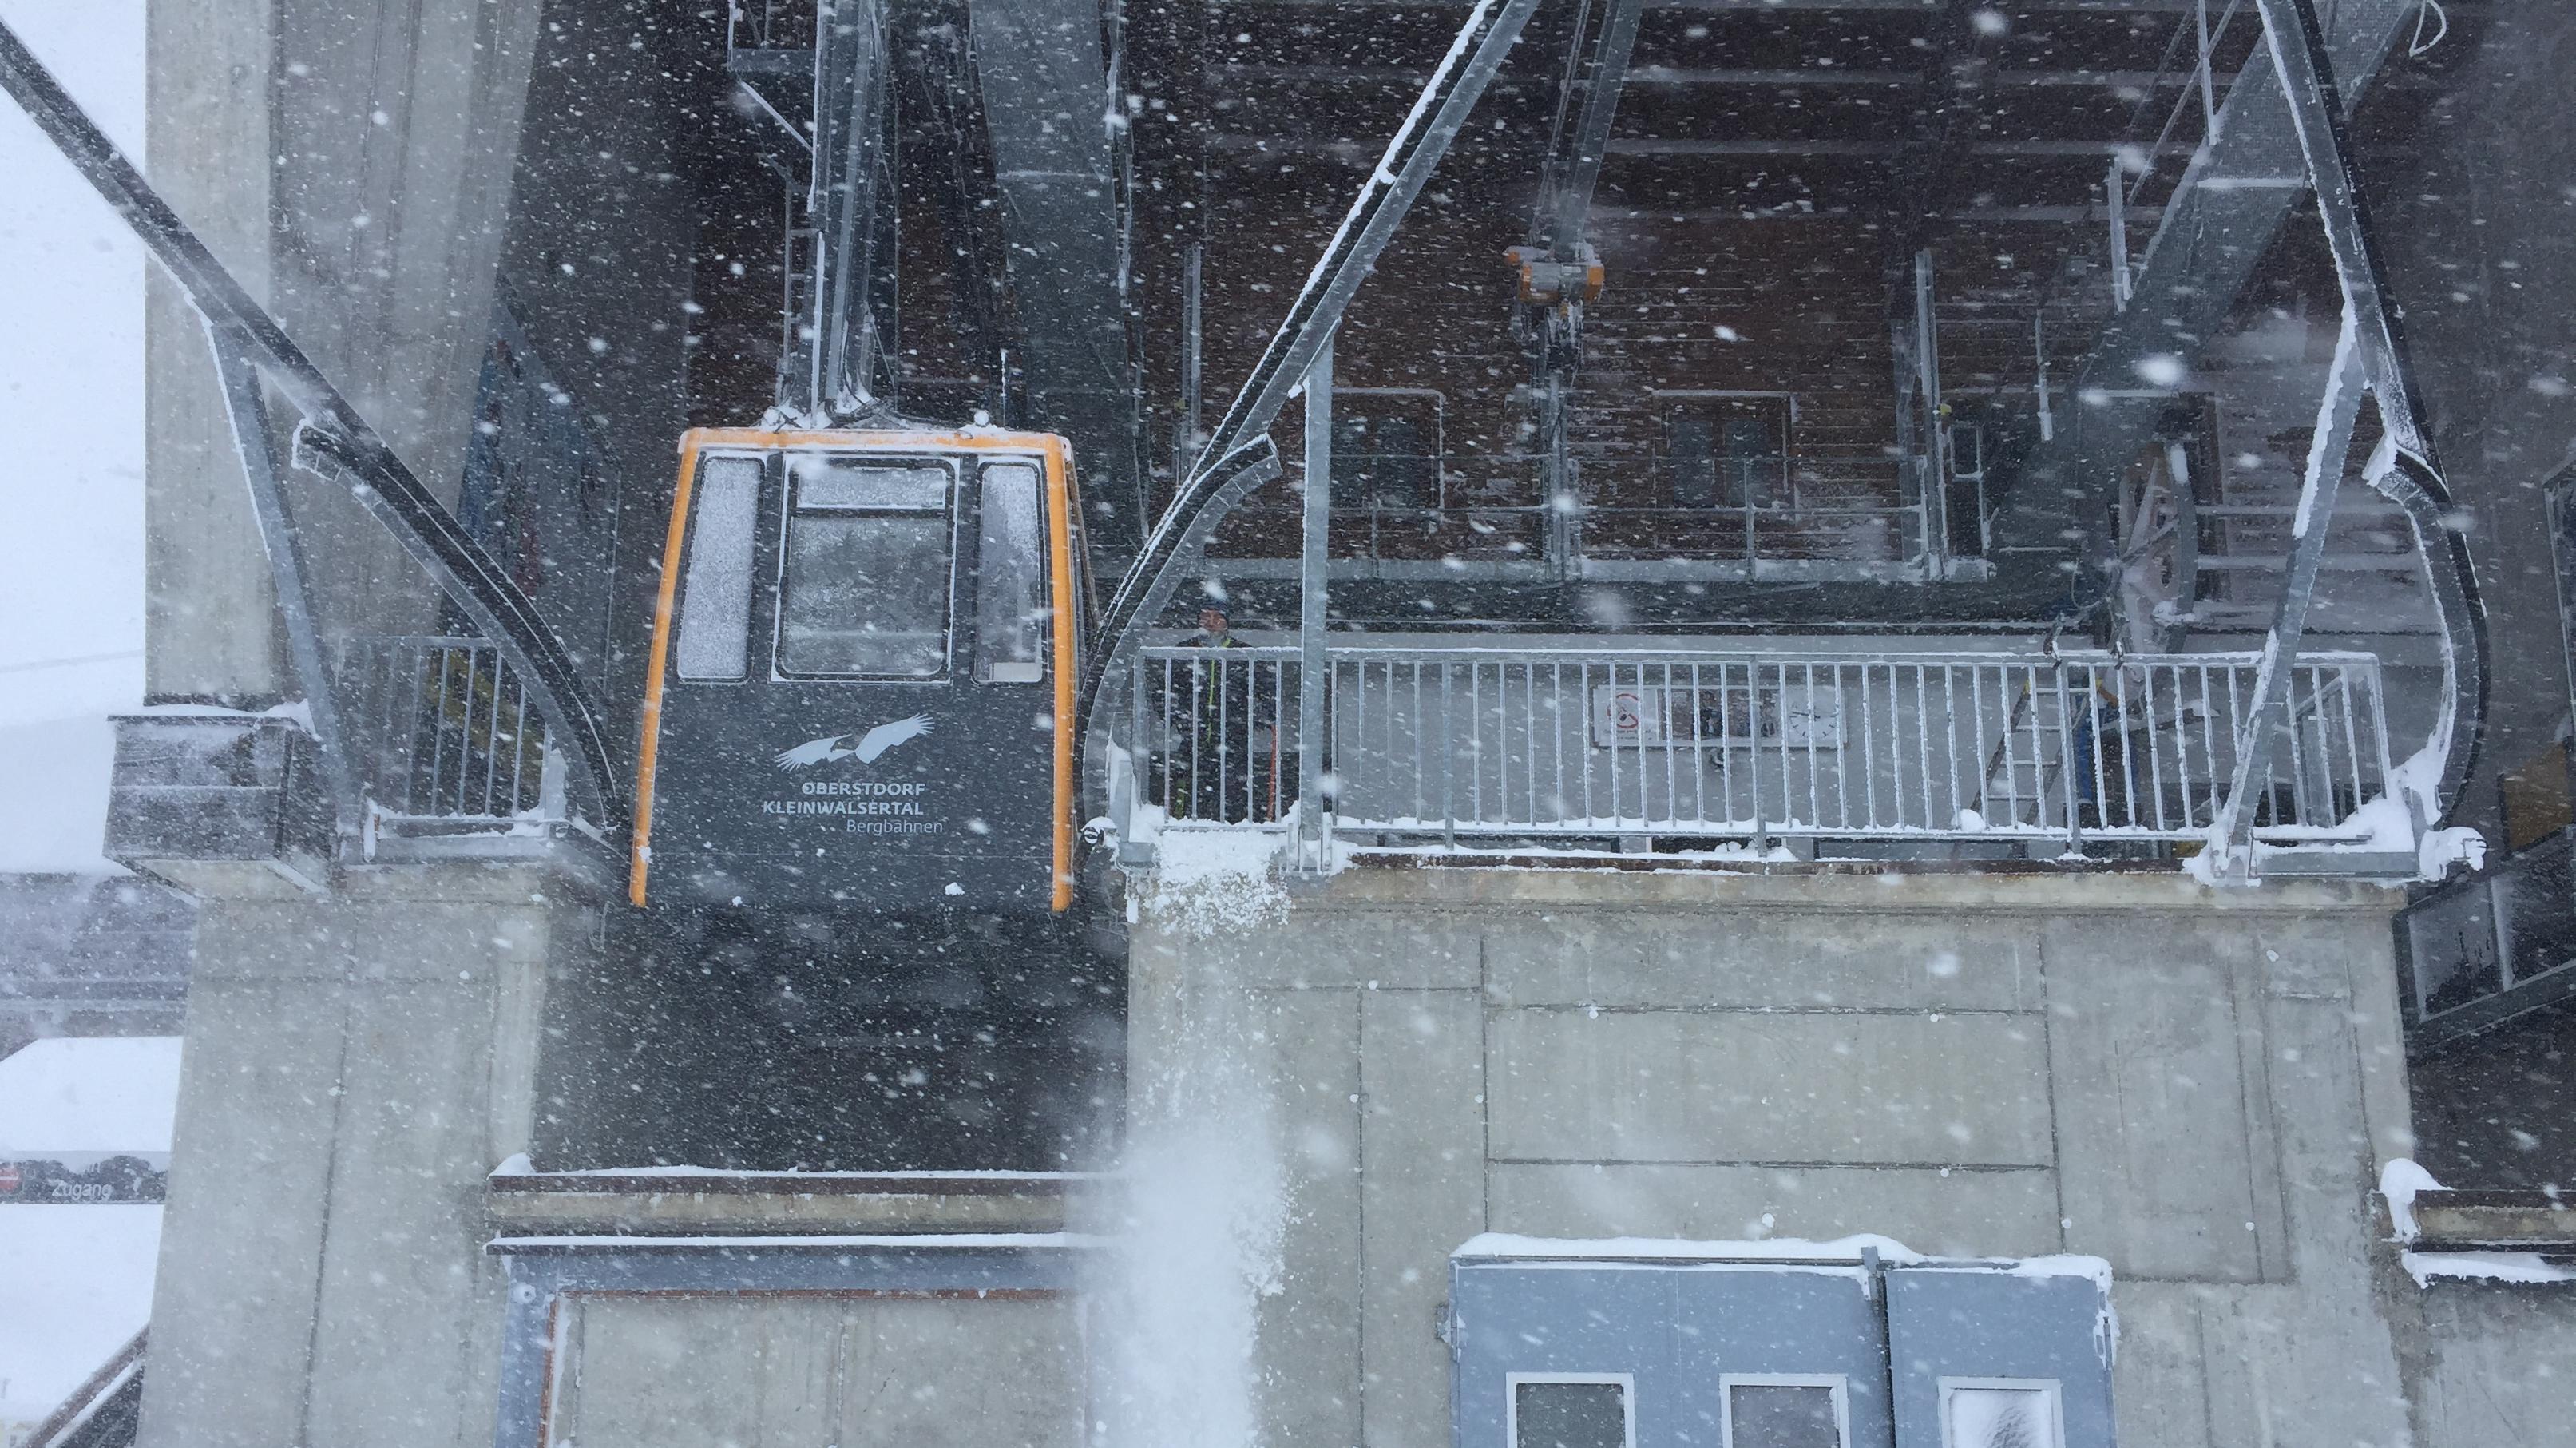 Eine Gondel in der Nebelhornbahn.